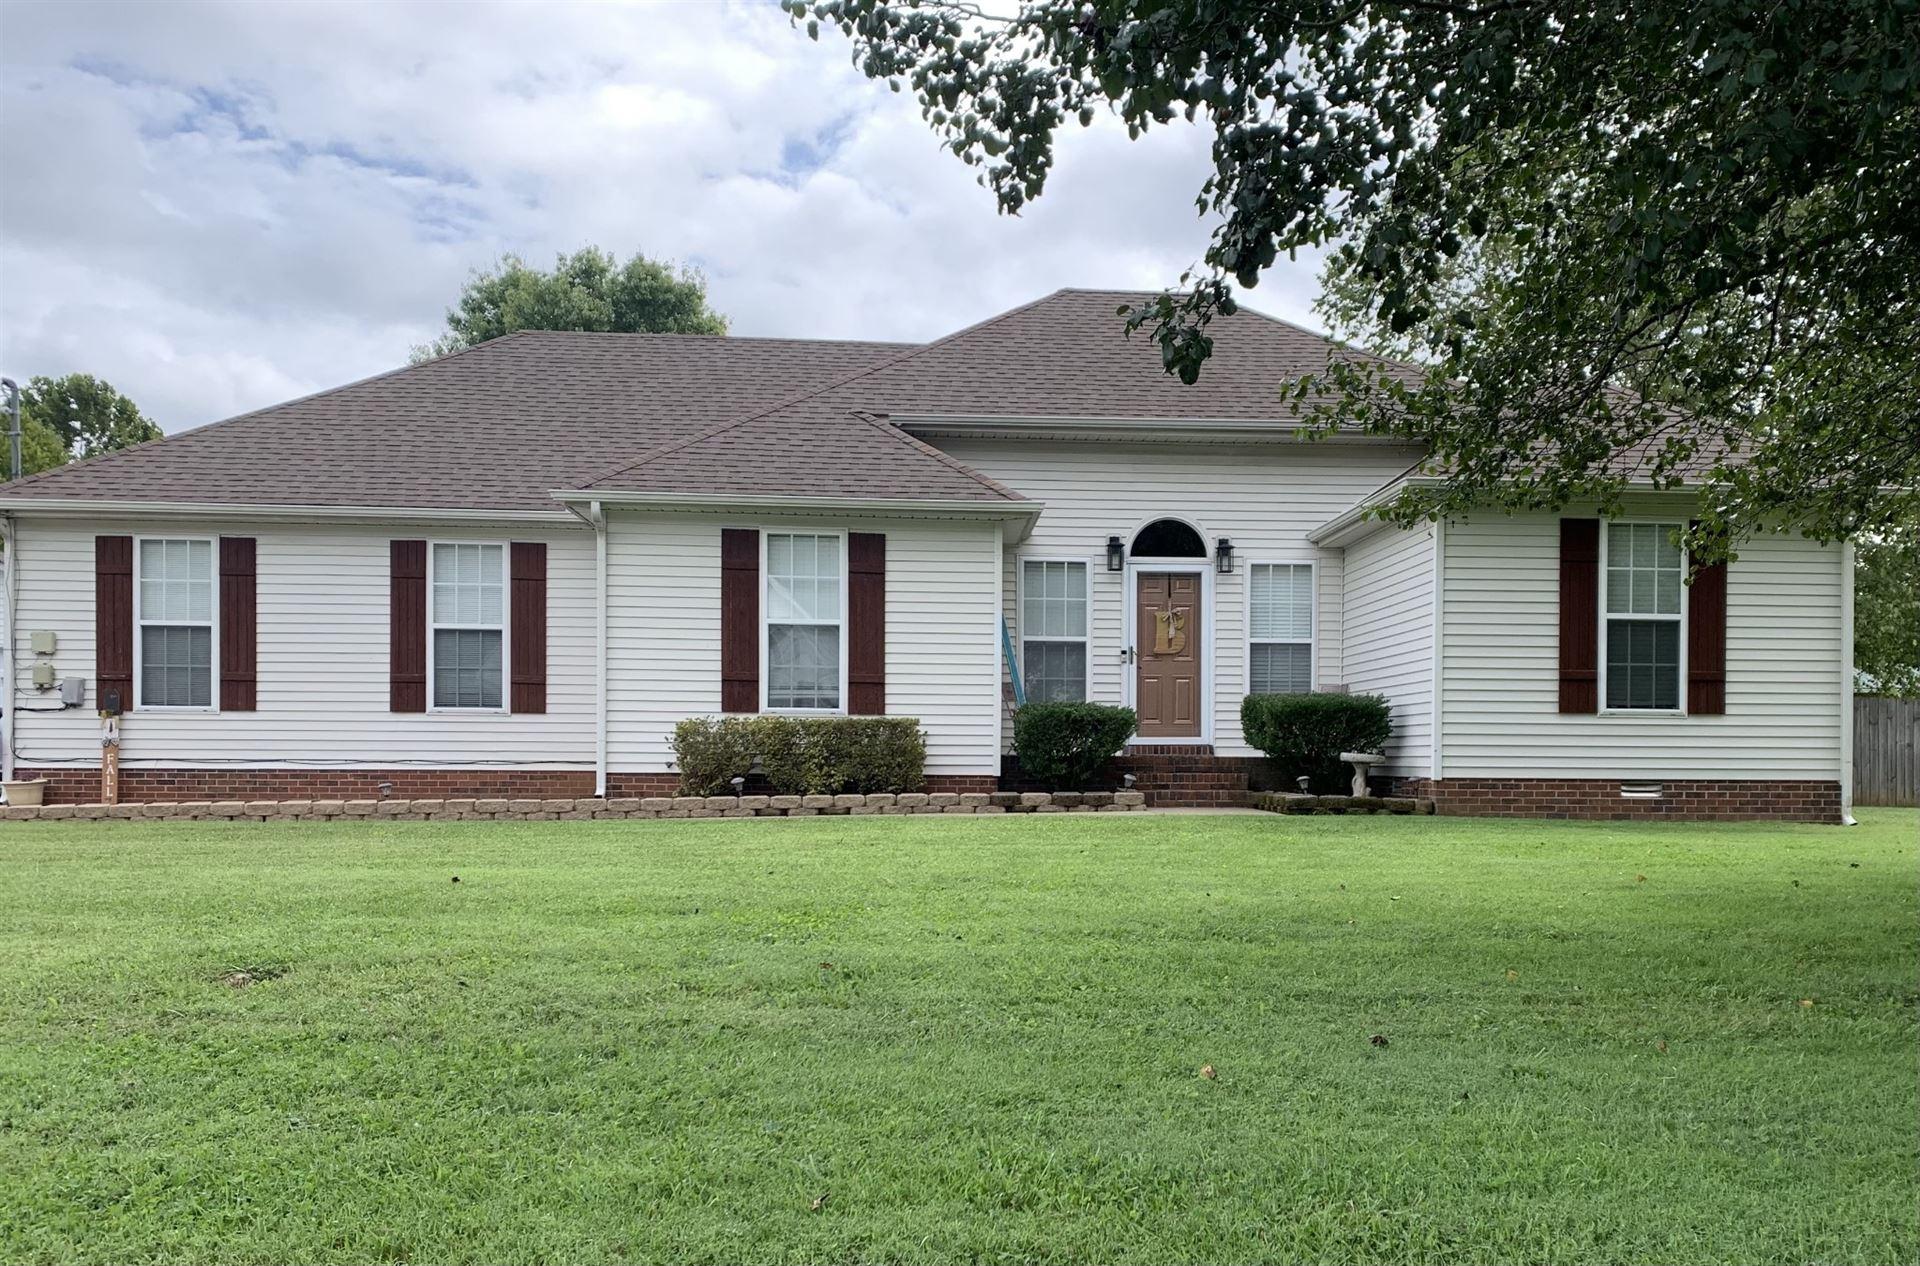 Photo of 105 Janzen Ct, Murfreesboro, TN 37128 (MLS # 2292113)